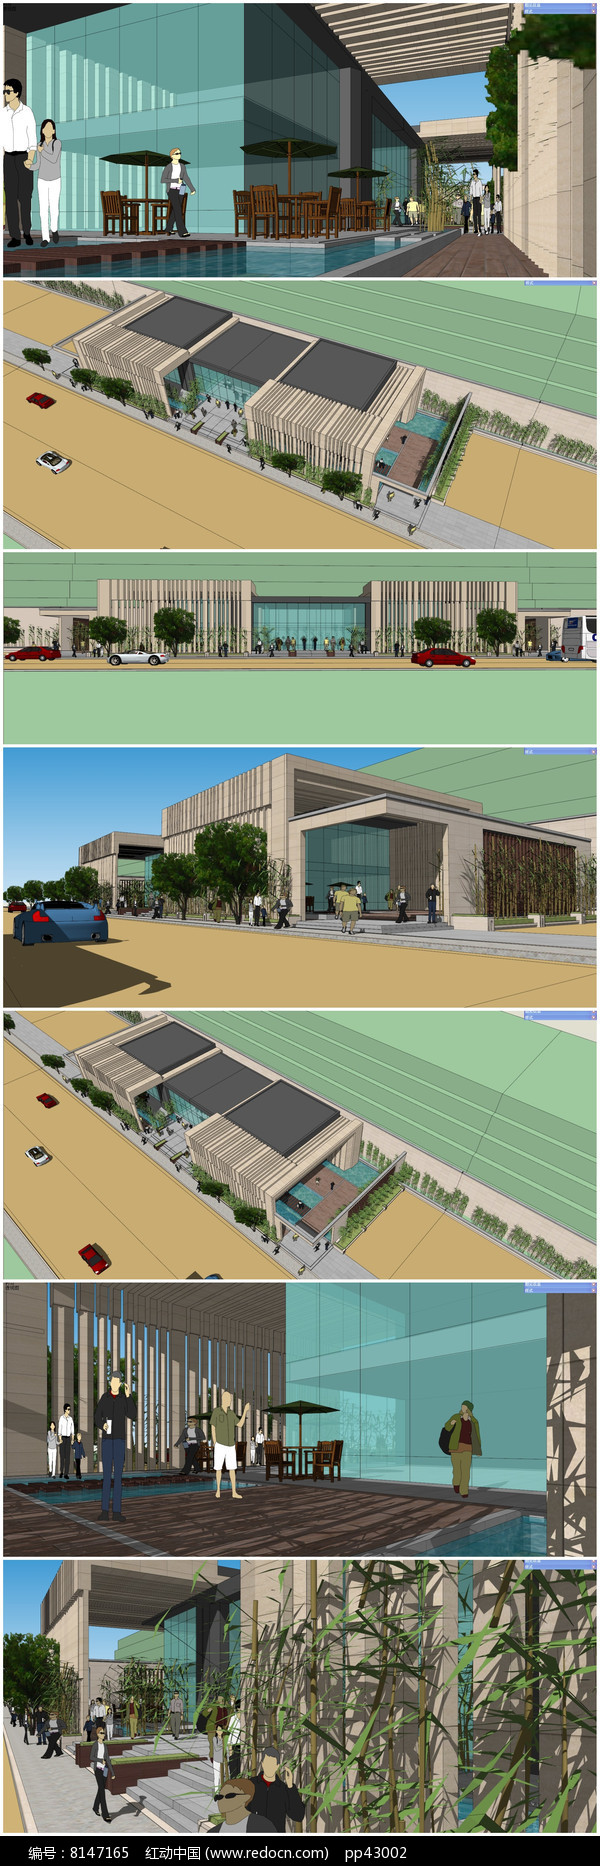 售楼部会所SU模型及室内及周边环境景观模型图片